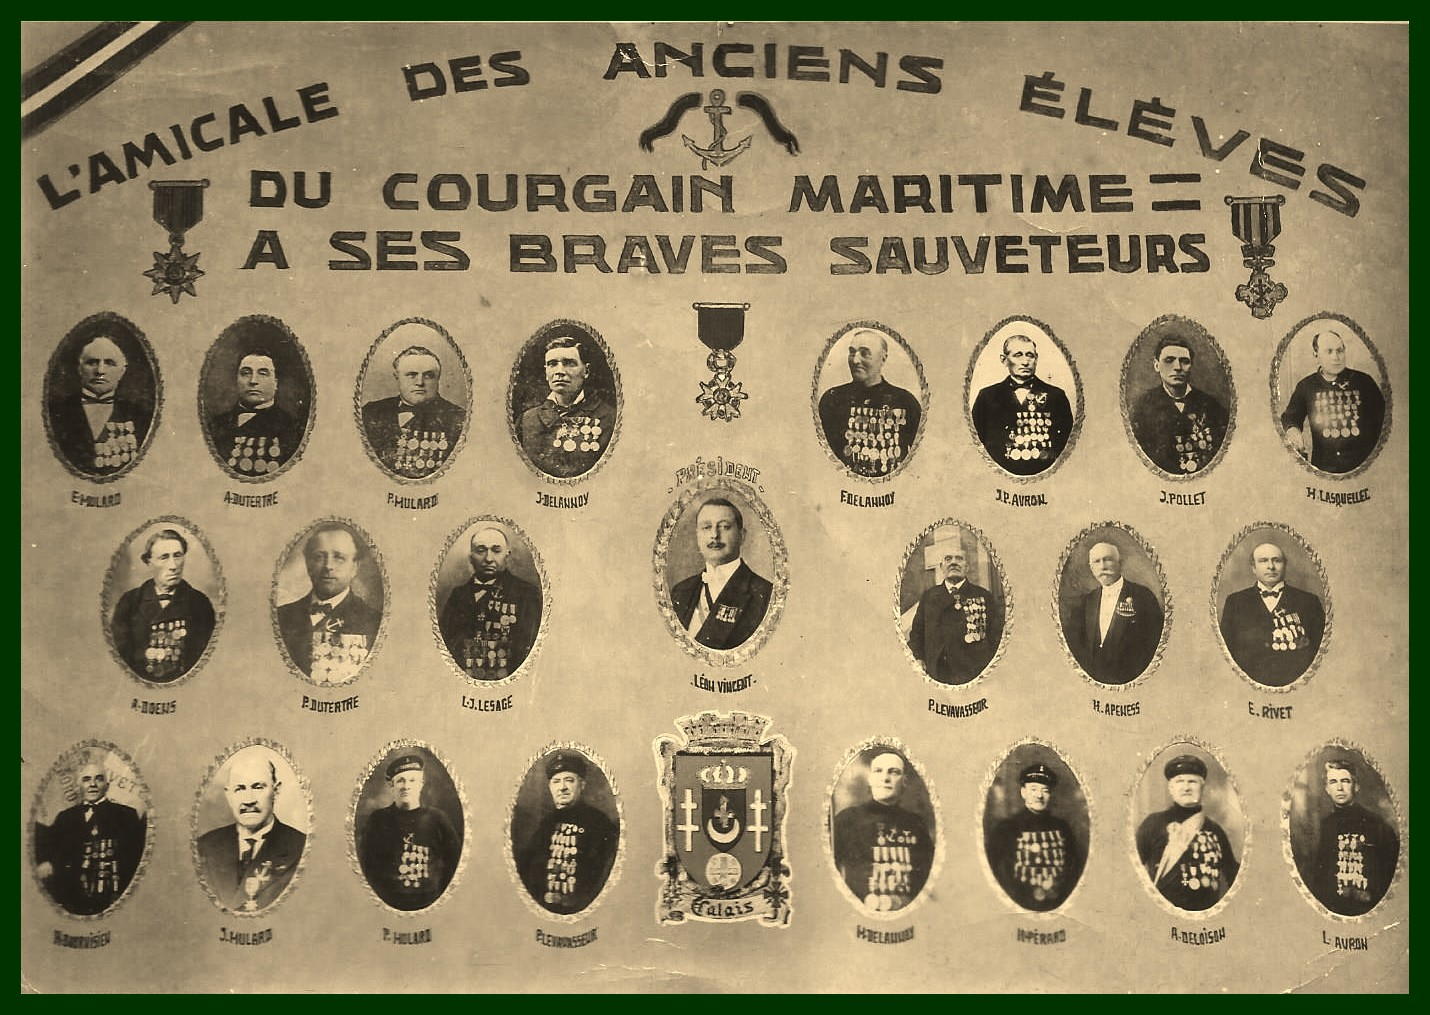 Calais amicale des anciens eleves du courgain maritime encadre